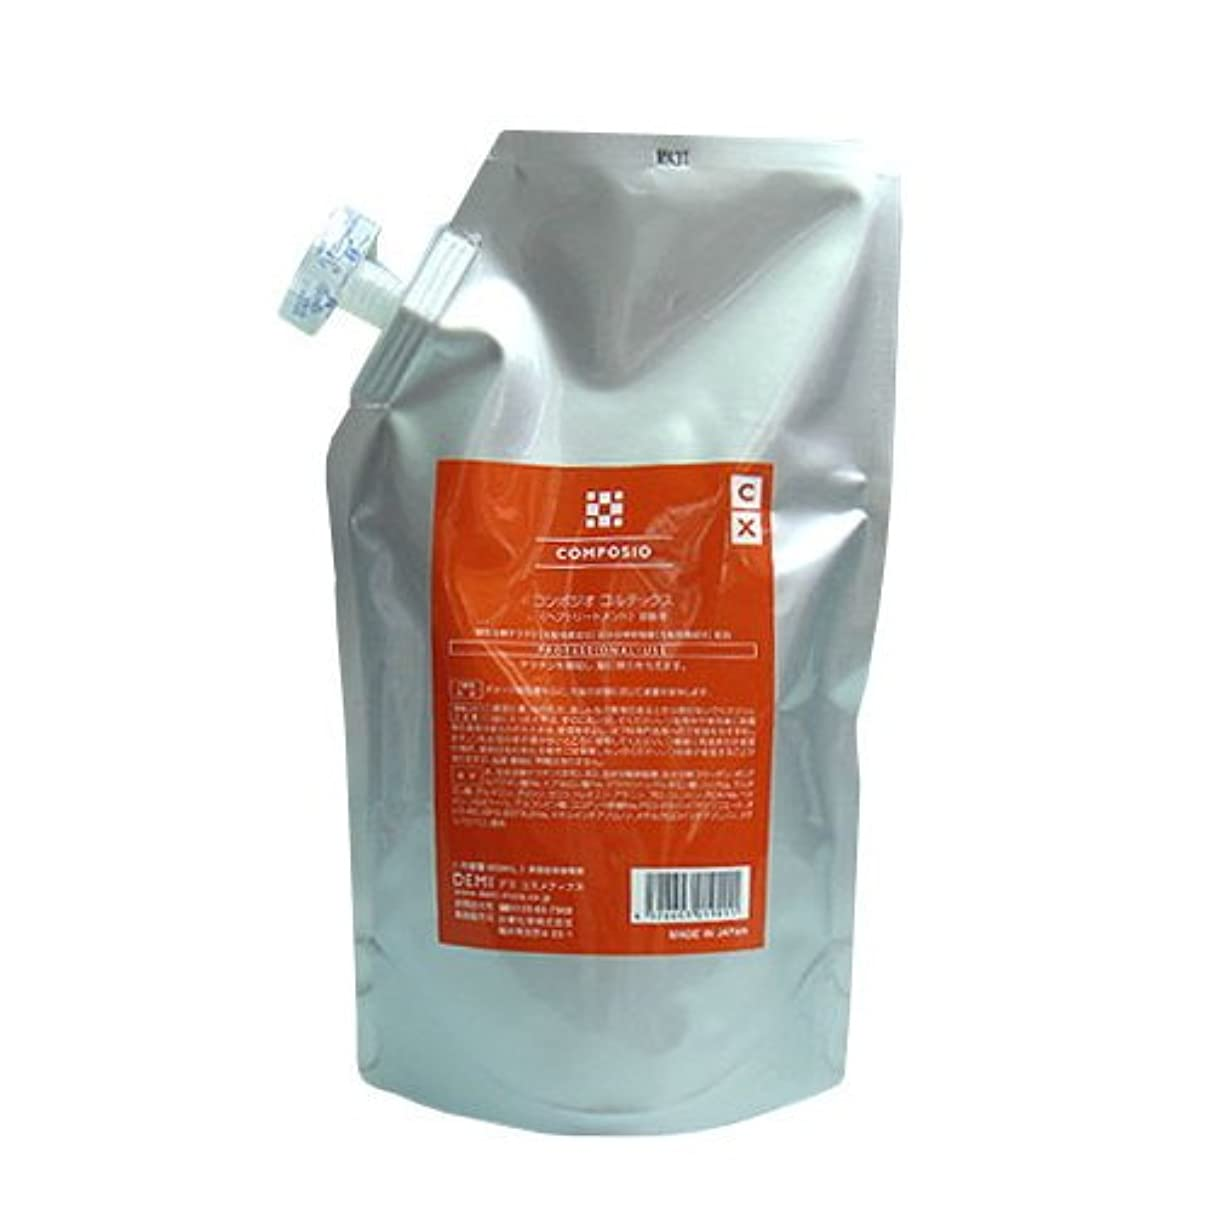 カリキュラム抽出ライラックデミ コンポジオ コルテックス(CX) 600ml(業務・詰替用)(前処理剤)